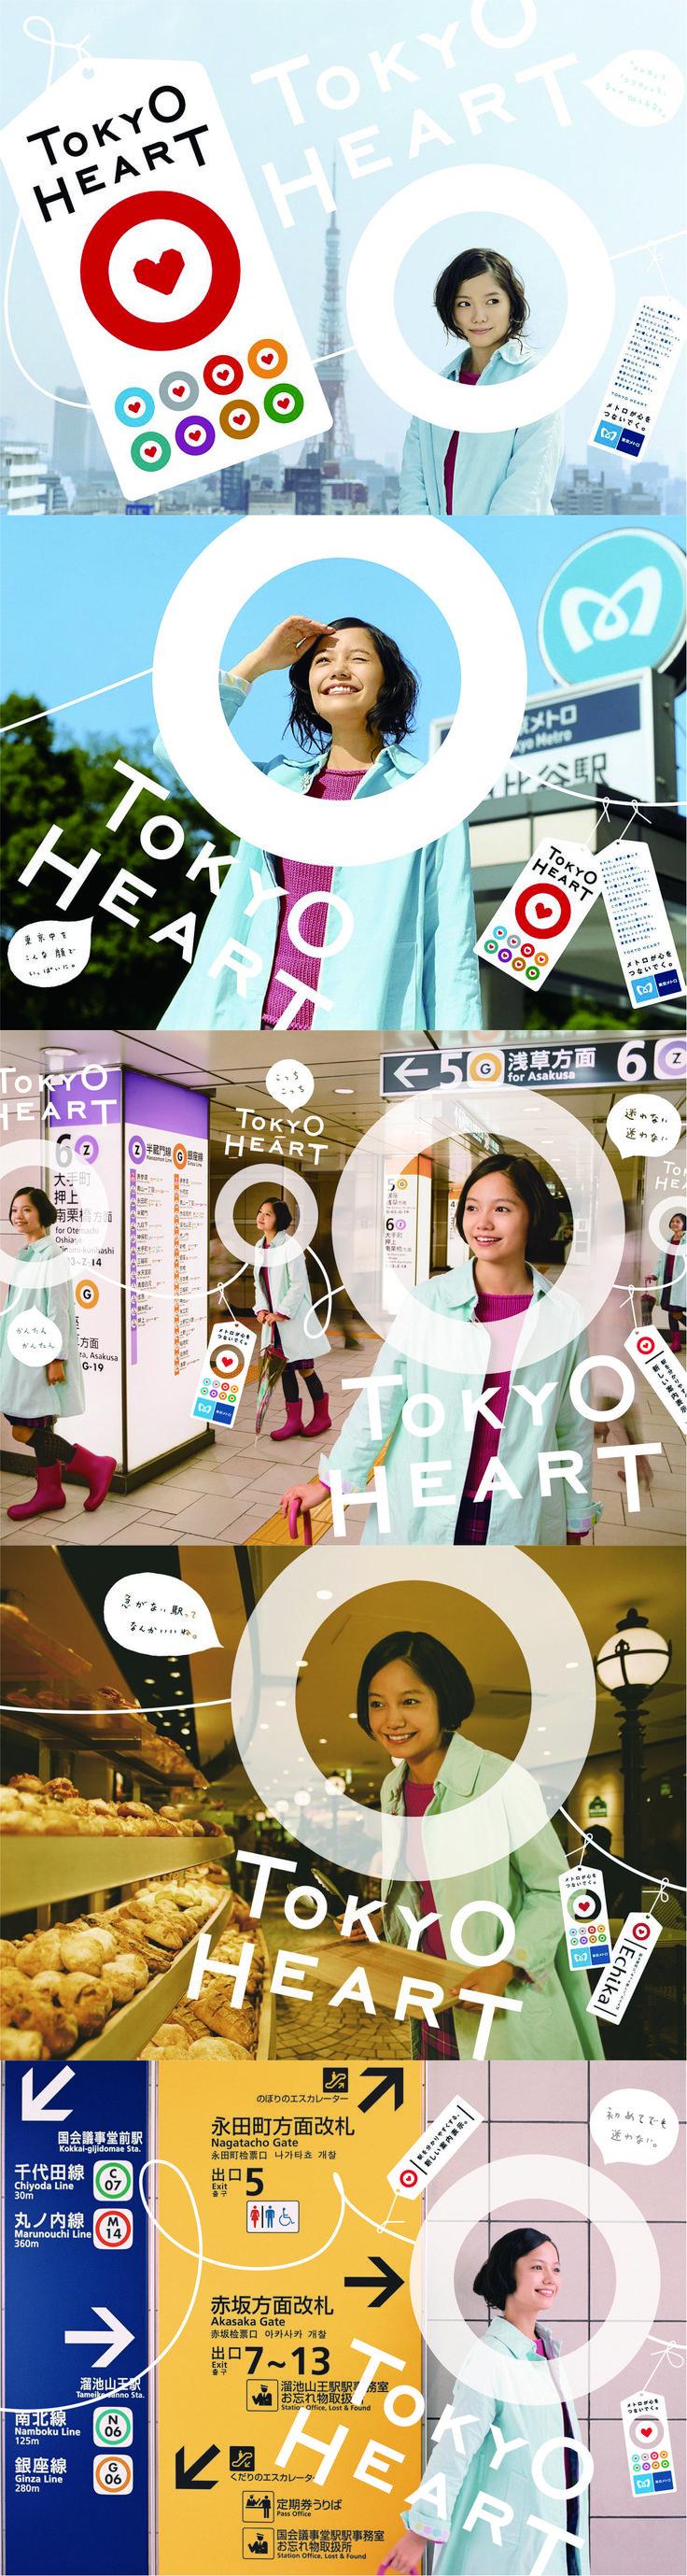 宮﨑あおい TOKYO HREAT(東京メトロ) 【1】